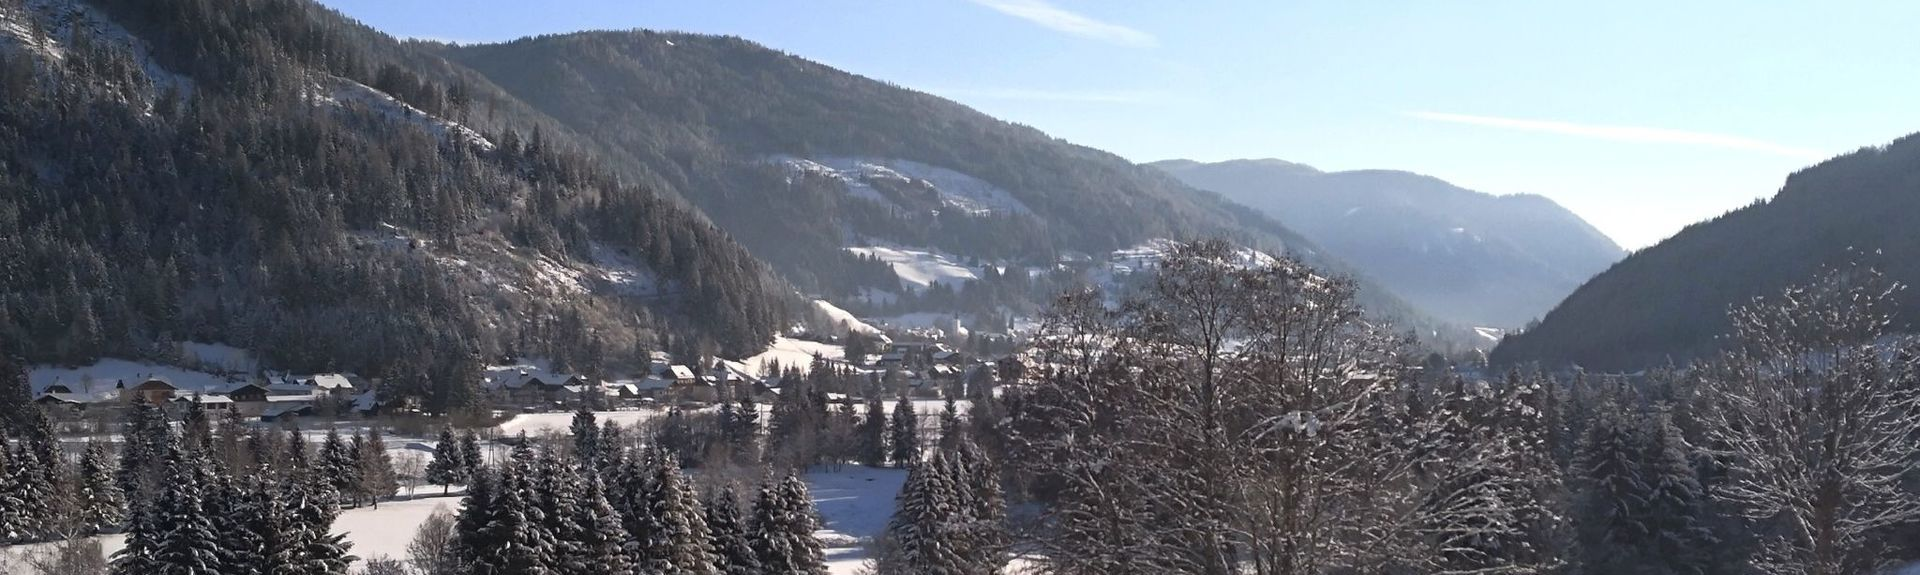 Afritz am See, Kärnten, Österreich